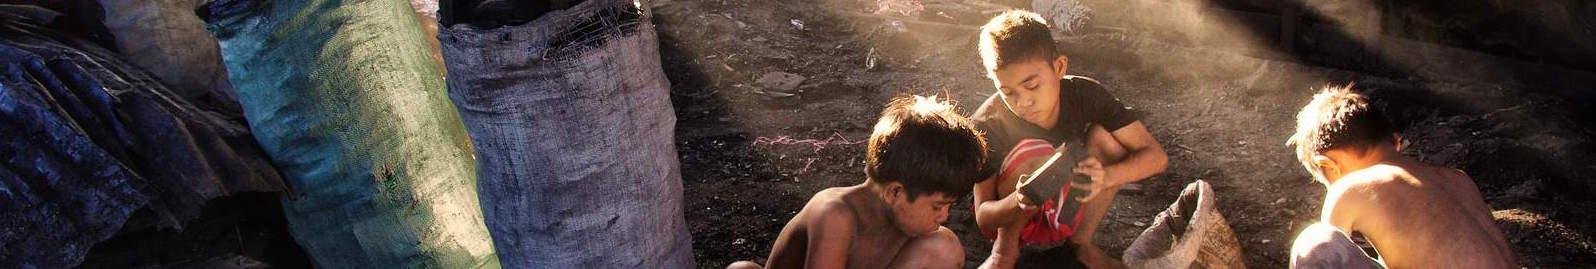 children-of-the-light_1600x1067px_crop-comp-65_copyright_mio-cade_flickr-ramdiboy.jpg